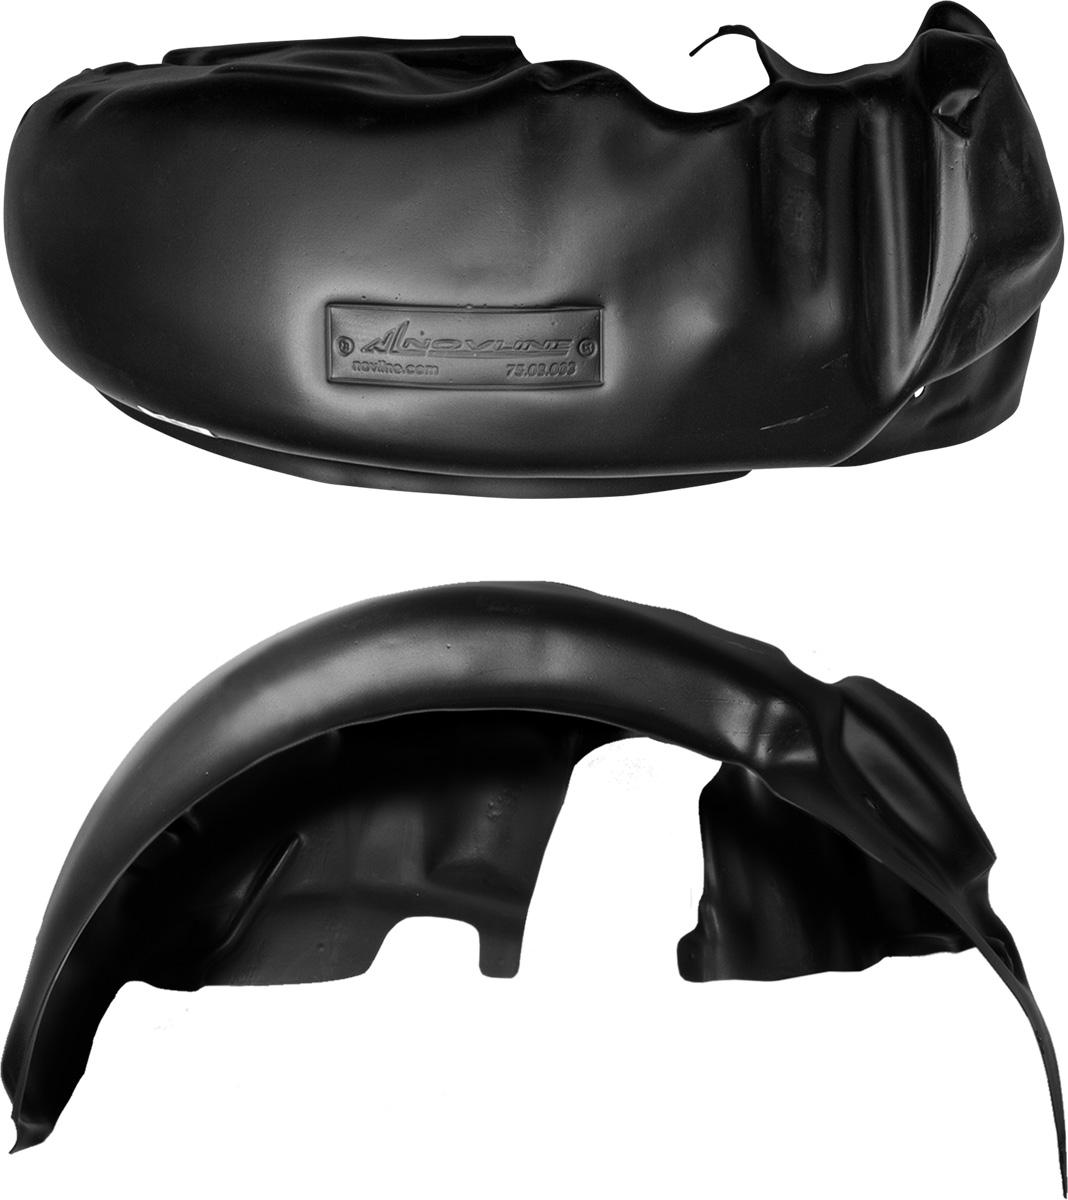 Подкрылок Novline-Autofamily, для Great Wall Hover H3/H5, 2010->, задний правыйNLL.59.10.004Колесные ниши - одни из самых уязвимых зон днища вашего автомобиля. Они постоянно подвергаются воздействию со стороны дороги. Лучшая, почти абсолютная защита для них - специально отформованные пластиковые кожухи, которые называются подкрылками. Производятся они как для отечественных моделей автомобилей, так и для иномарок. Подкрылки Novline-Autofamily выполнены из высококачественного, экологически чистого пластика. Обеспечивают надежную защиту кузова автомобиля от пескоструйного эффекта и негативного влияния, агрессивных антигололедных реагентов. Пластик обладает более низкой теплопроводностью, чем металл, поэтому в зимний период эксплуатации использование пластиковых подкрылков позволяет лучше защитить колесные ниши от налипания снега и образования наледи. Оригинальность конструкции подчеркивает элегантность автомобиля, бережно защищает нанесенное на днище кузова антикоррозийное покрытие и позволяет осуществить крепление подкрылков внутри колесной арки практически без дополнительного крепежа и сверления, не нарушая при этом лакокрасочного покрытия, что предотвращает возникновение новых очагов коррозии. Подкрылки долговечны, обладают высокой прочностью и сохраняют заданную форму, а также все свои физико-механические характеристики в самых тяжелых климатических условиях (от -50°С до +50°С).Уважаемые клиенты!Обращаем ваше внимание, на тот факт, что подкрылок имеет форму, соответствующую модели данного автомобиля. Фото служит для визуального восприятия товара.